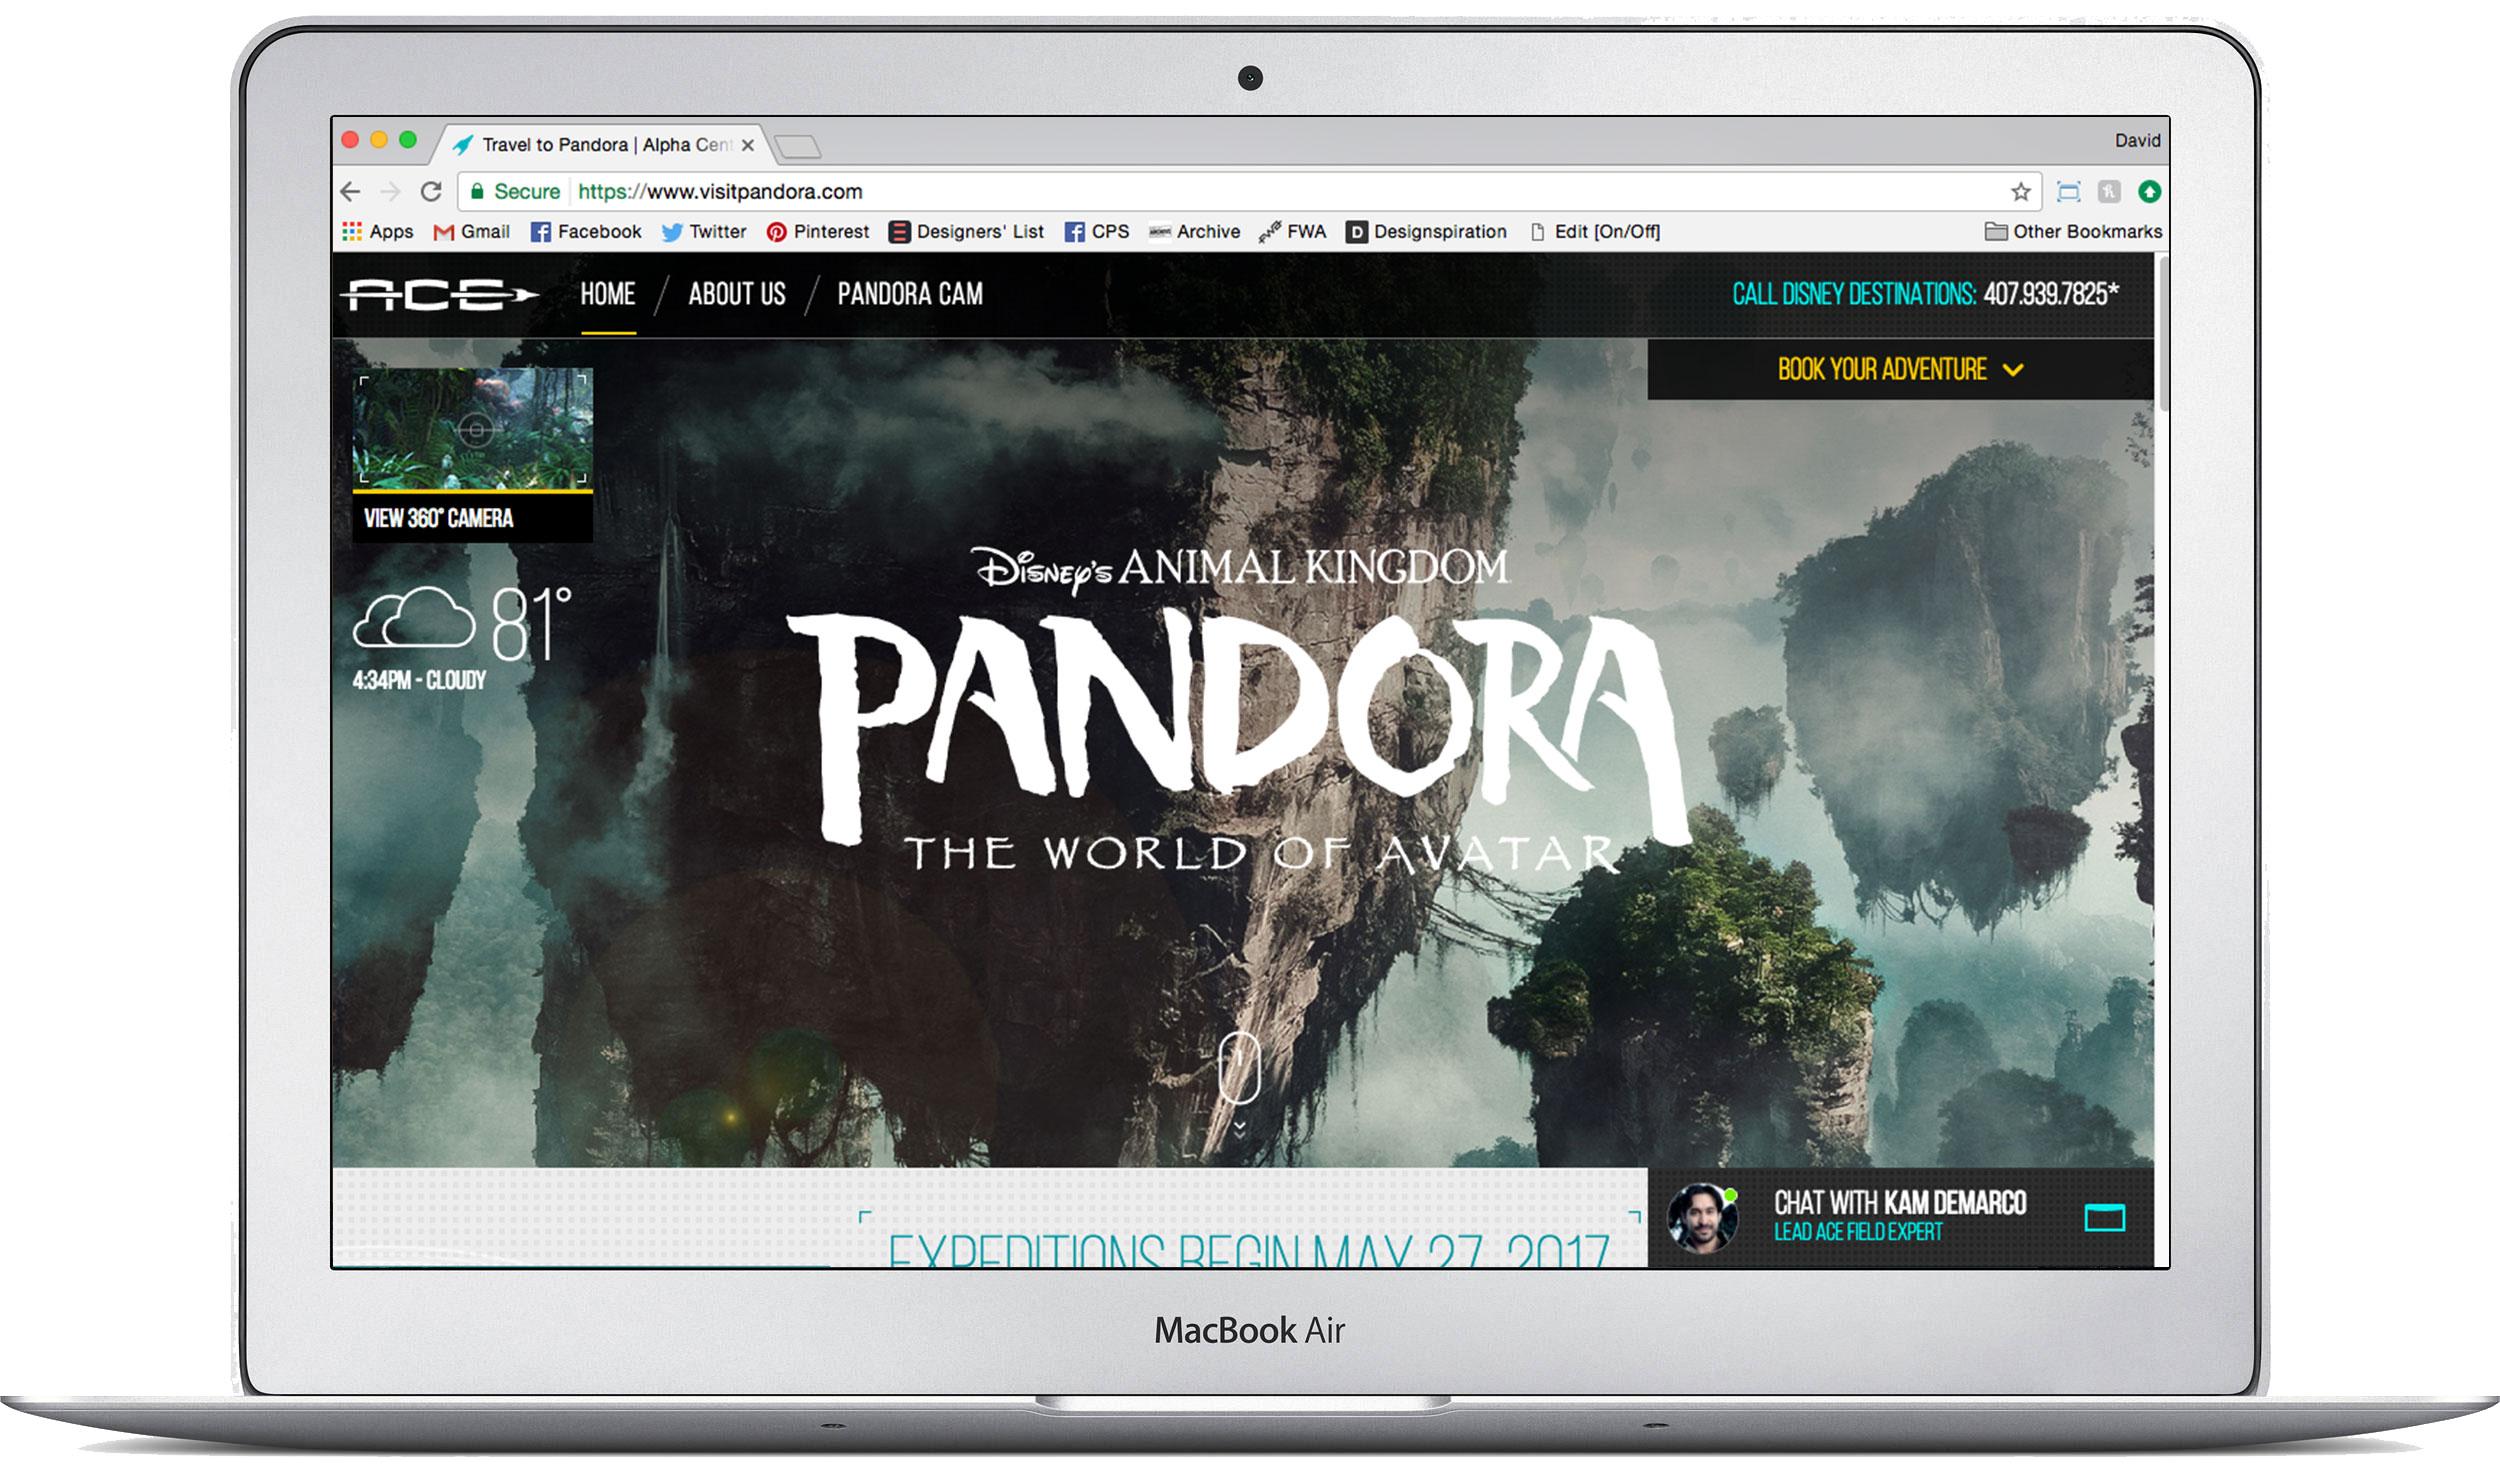 visit-pandora-mockup1.jpg